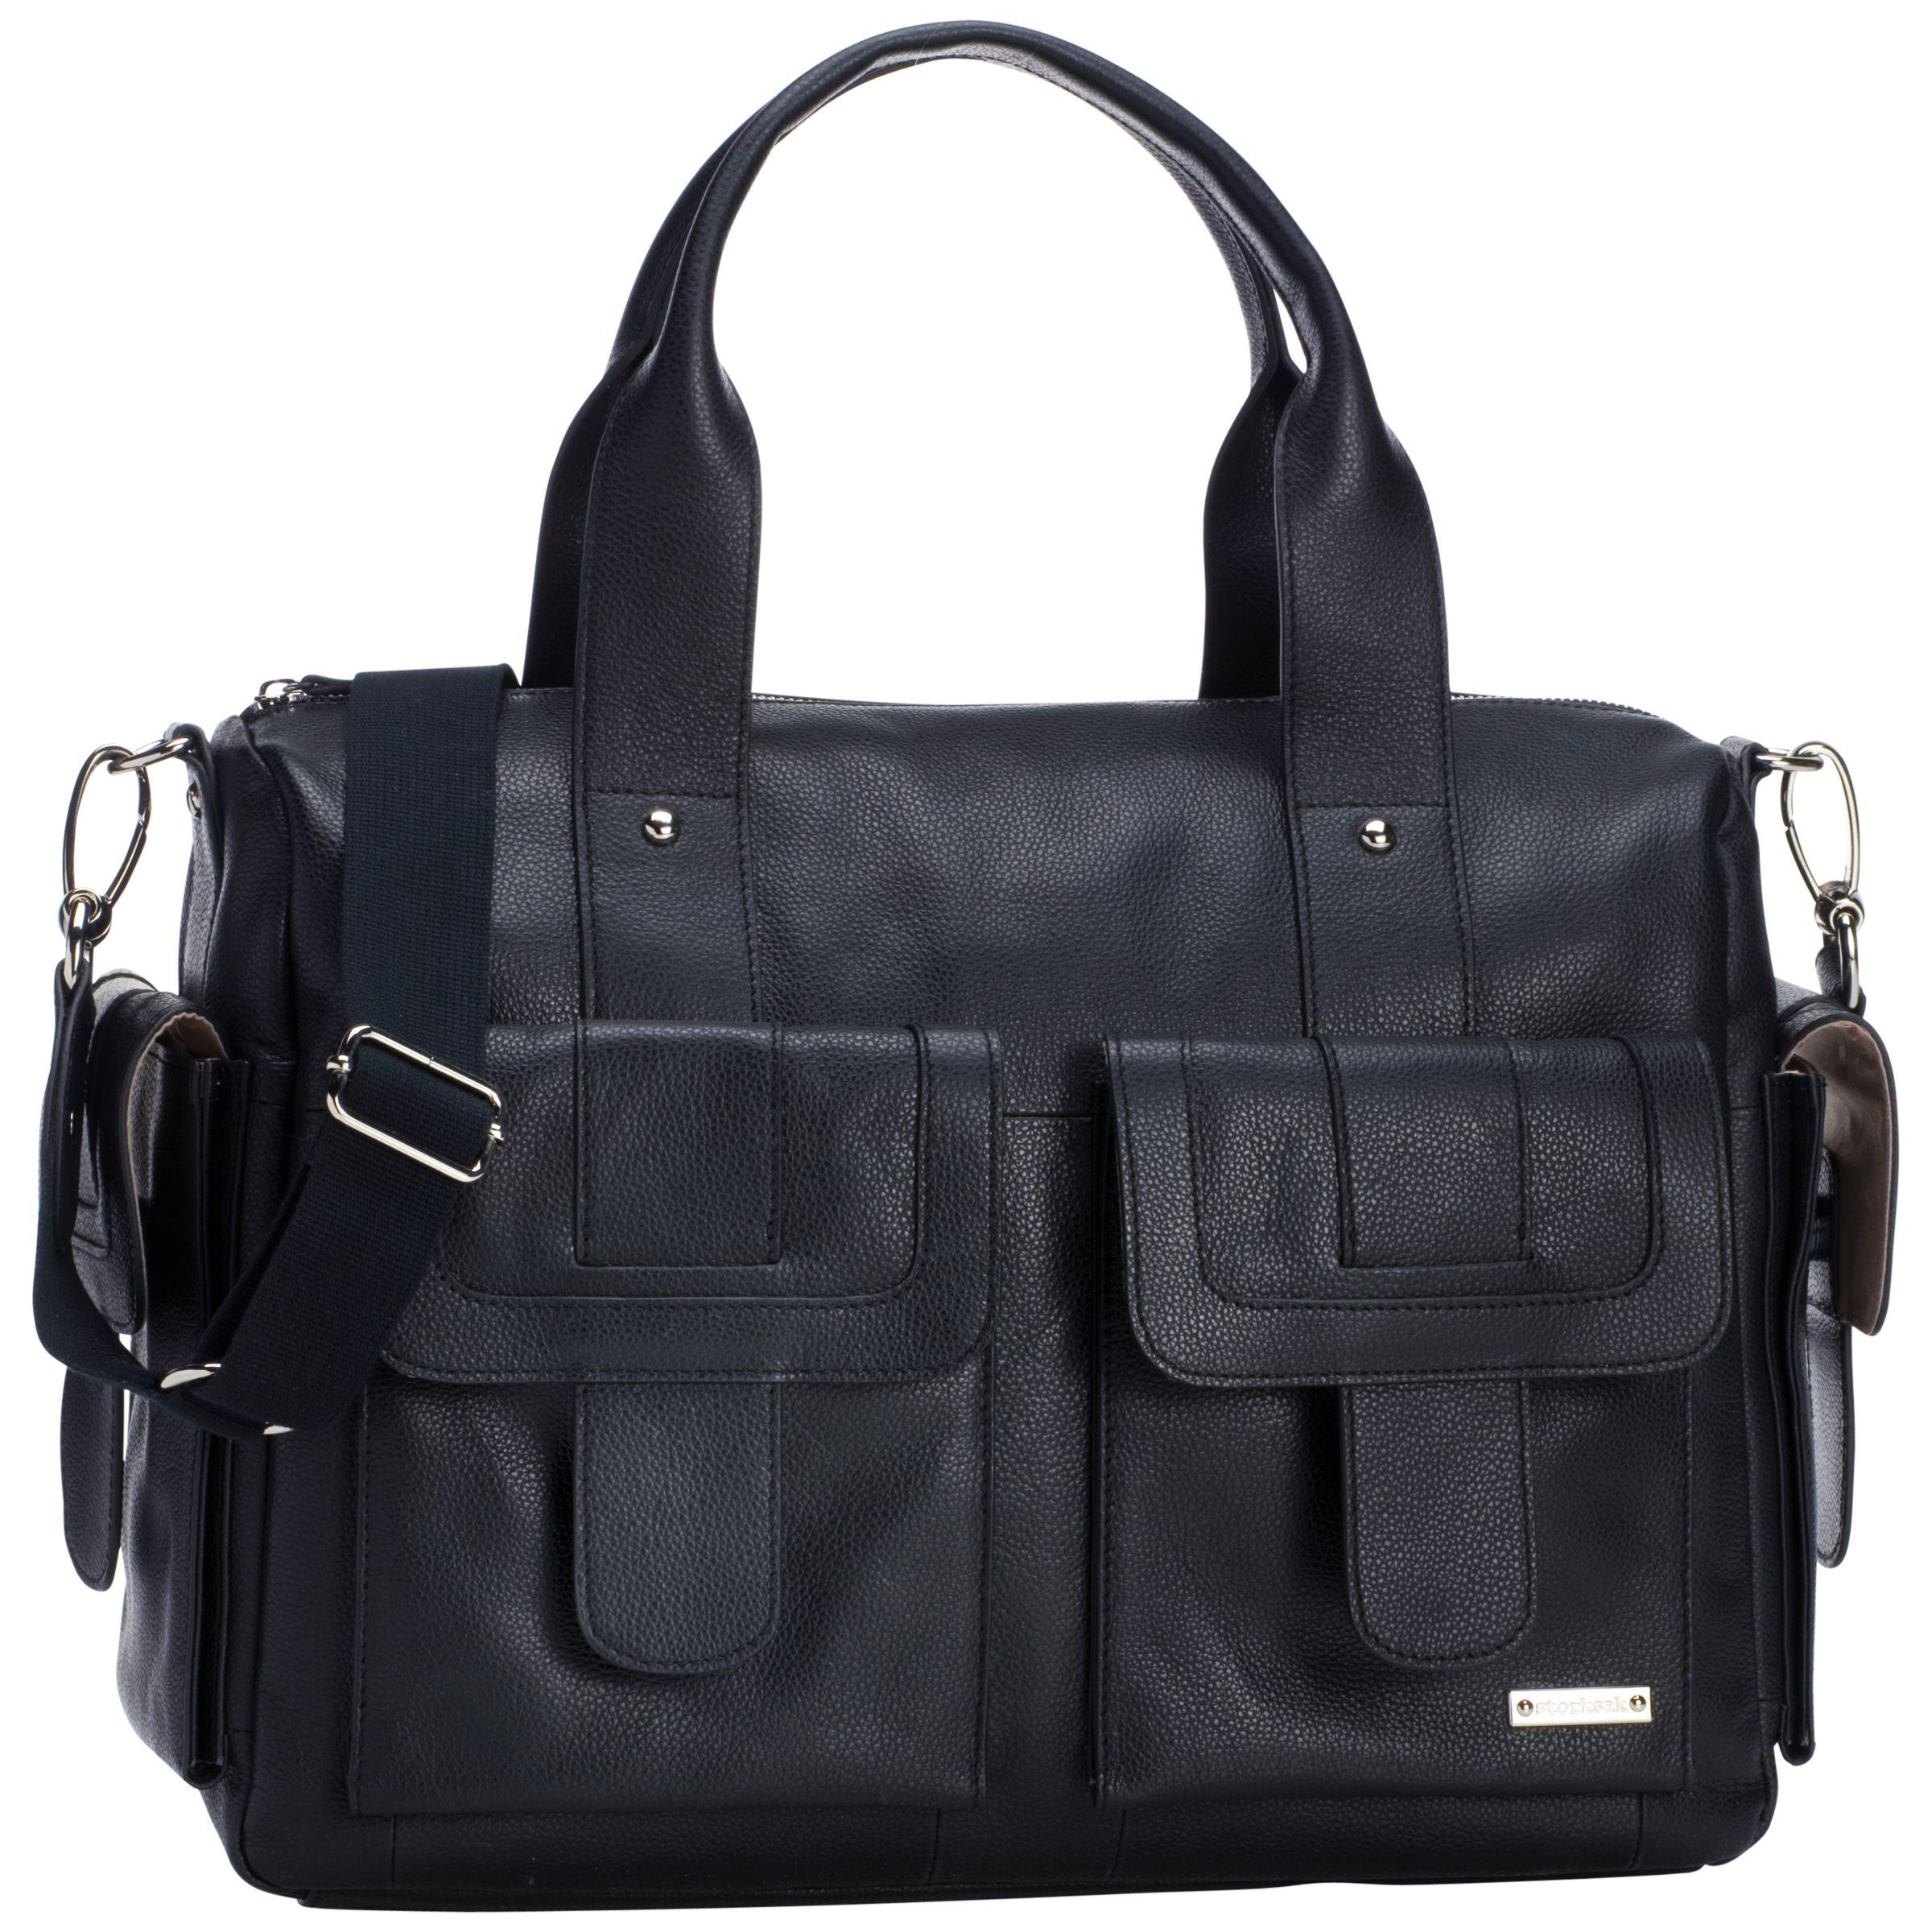 Storksak Storksak Sofia Leather Baby Changing Bag, Black